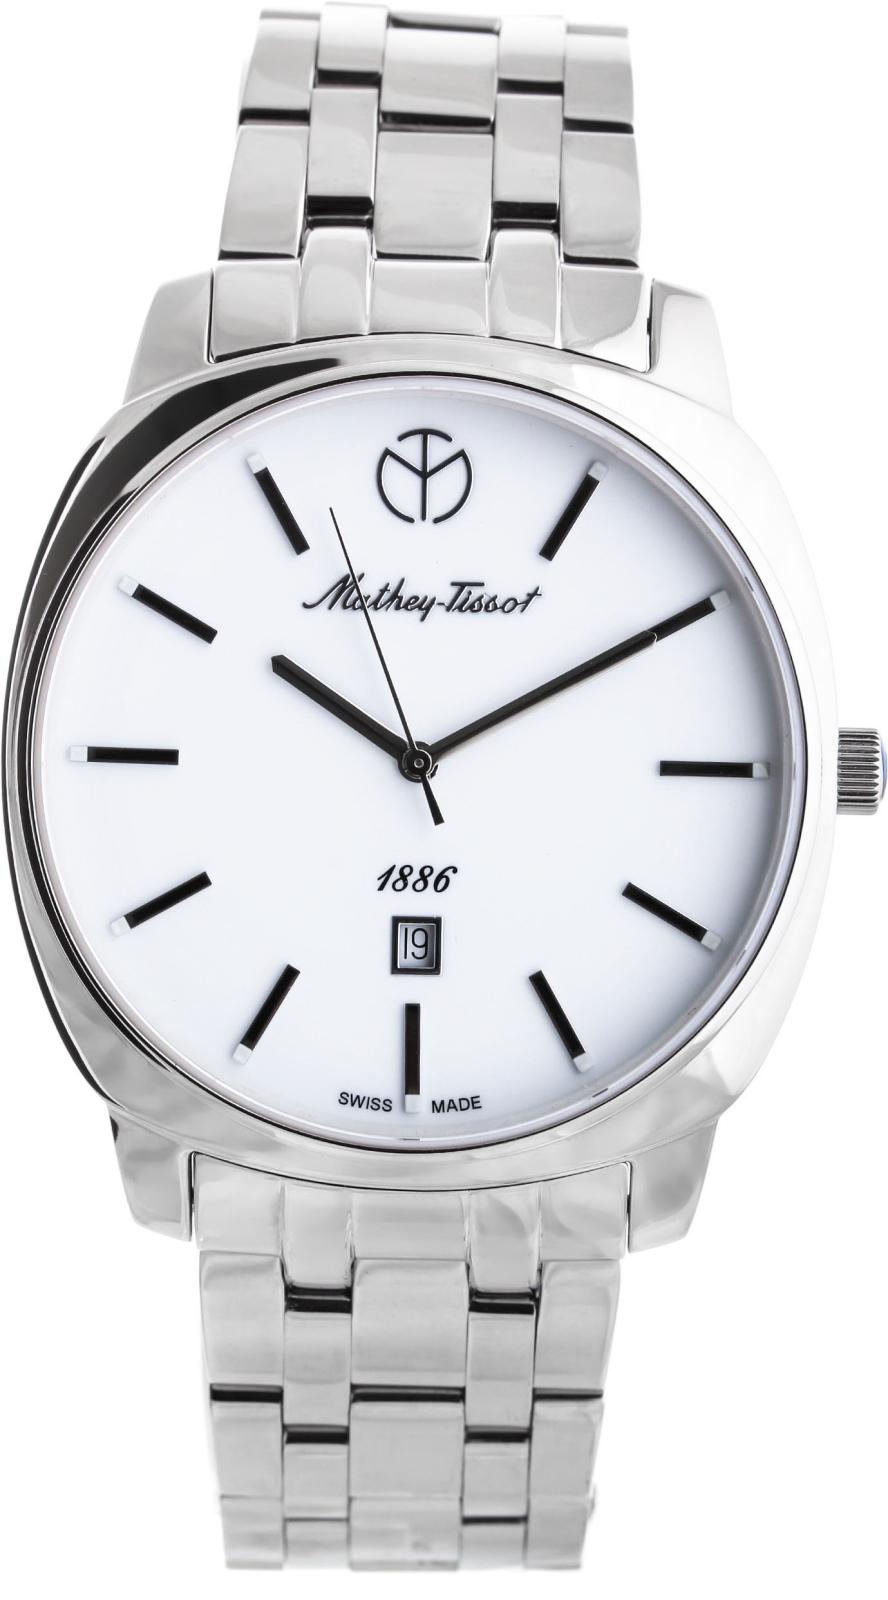 Mathey-Tissot Smart H6940MAIНаручные часы<br>Швейцарские часы Mathey-Tissot Smart H6940MAI<br><br>Пол: Мужские<br>Страна-производитель: Швейцария<br>Механизм: Кварцевый<br>Материал корпуса: Сталь<br>Материал ремня/браслета: Сталь<br>Водозащита, диапазон: None<br>Стекло: Сапфировое<br>Толщина корпуса: None<br>Стиль: None